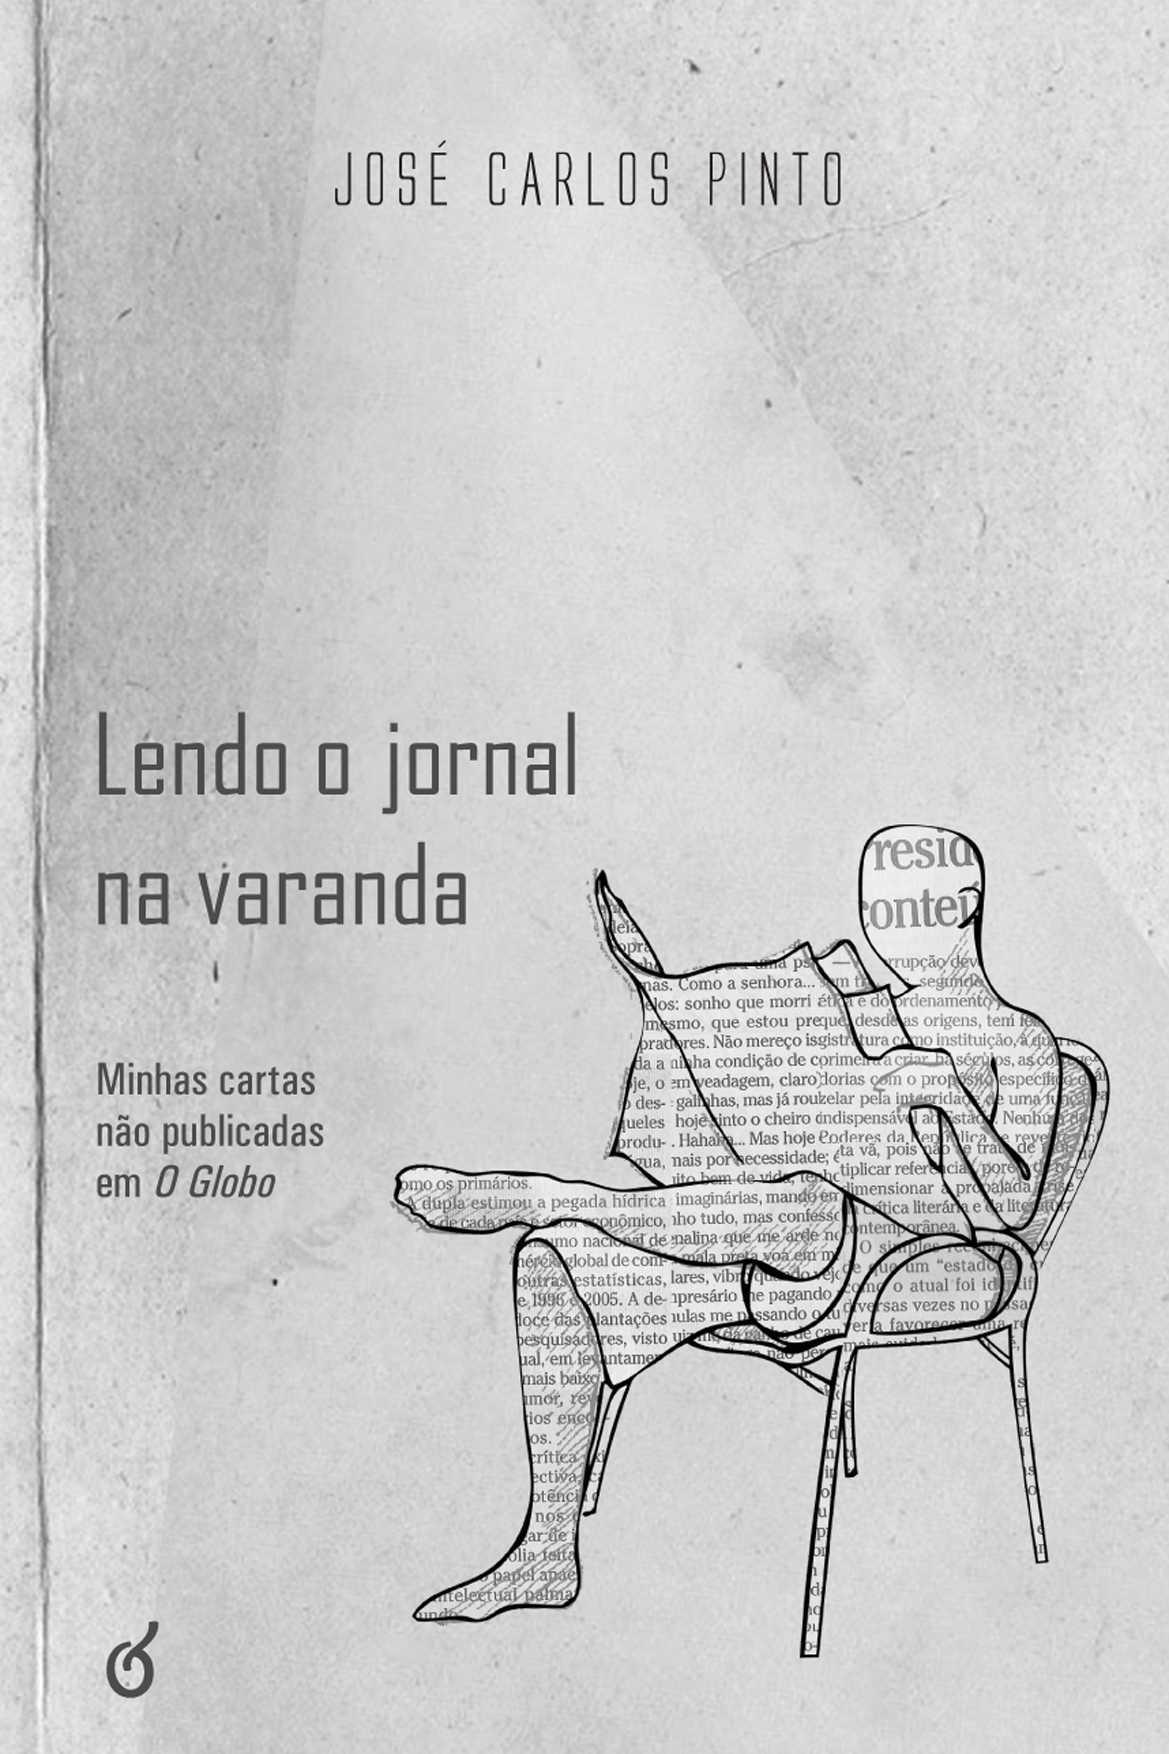 Lendo o jornal na varanda: minhas cartas não publicadas em O Globo